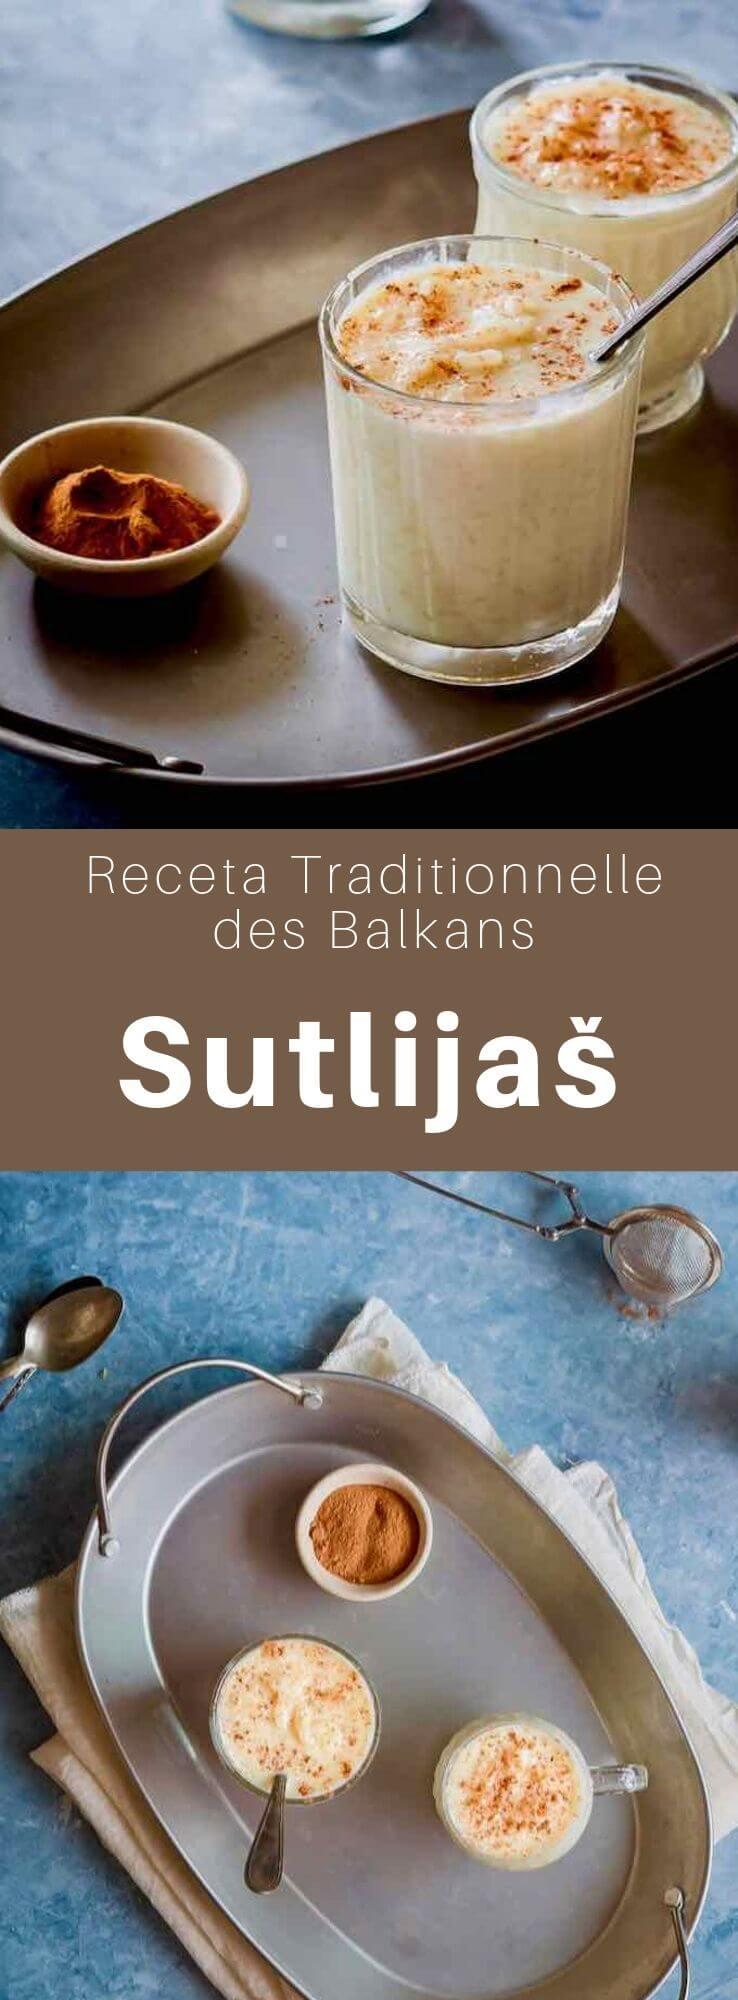 Le sutlijaš ou sutlija est un riz au lait sucré, parfumé à la cannelle, typique des Balkans et de la Turquie. #Balkans #Turquie #CuisineDuMonde #196flavors